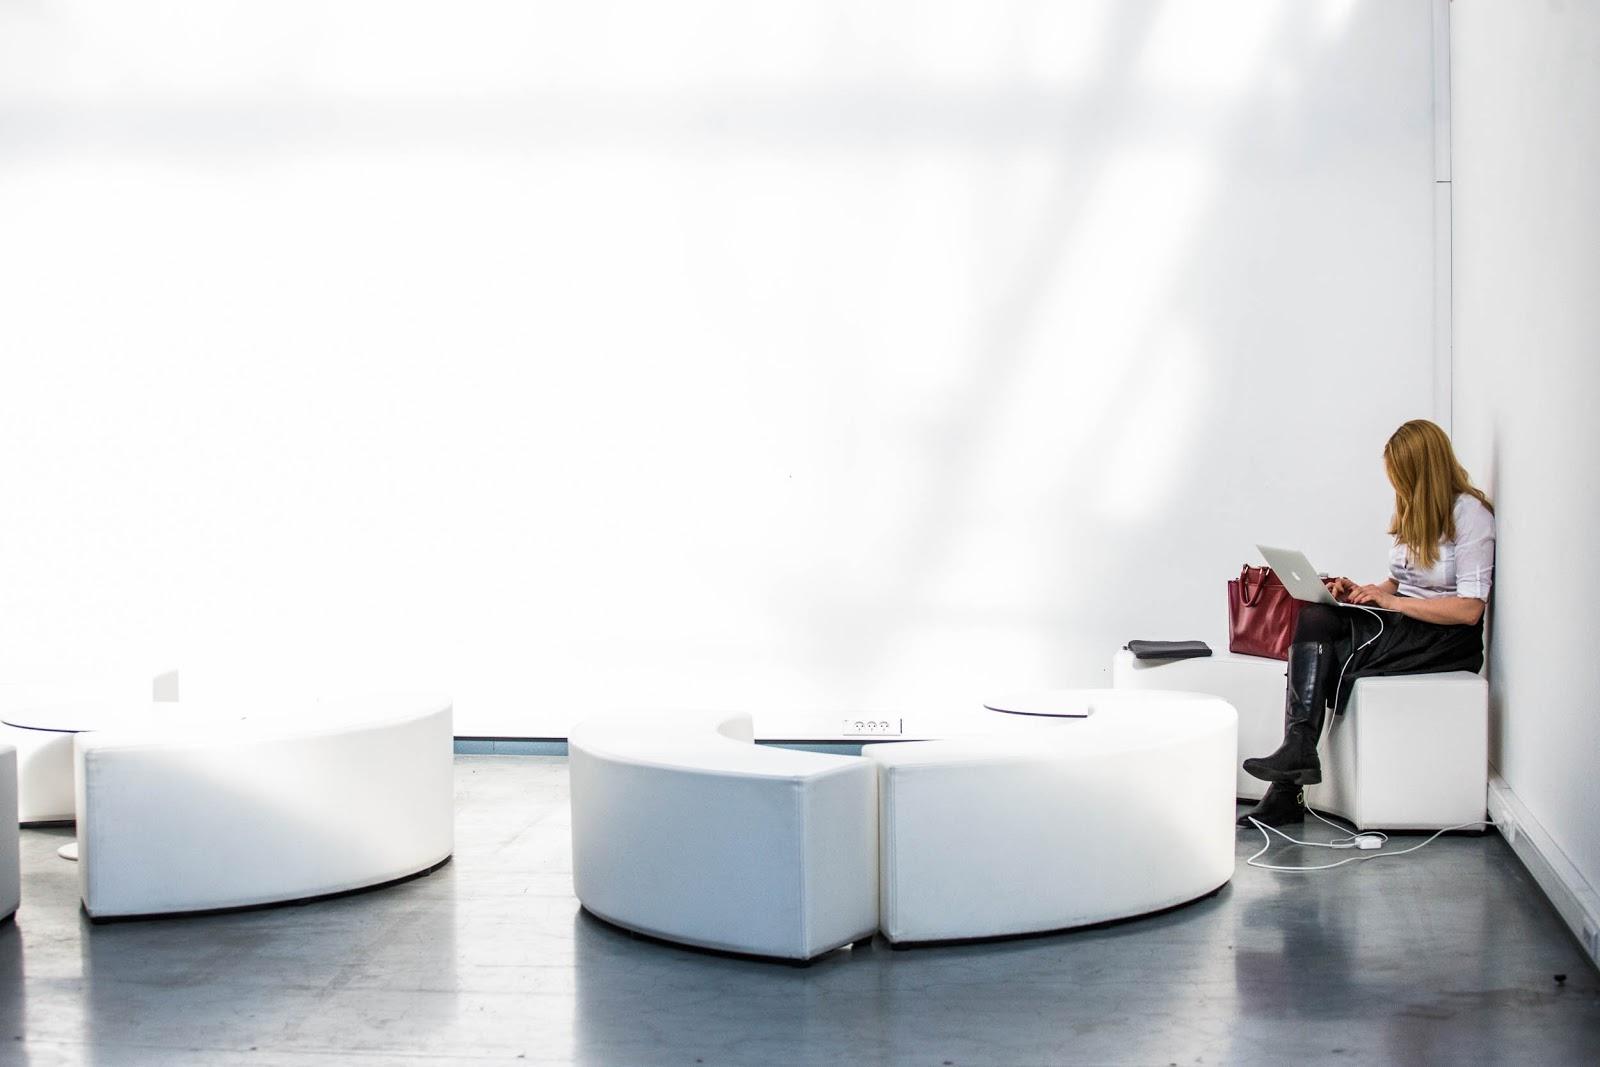 Estudiante que trabaja en la computadora portátil en una habitación blanca